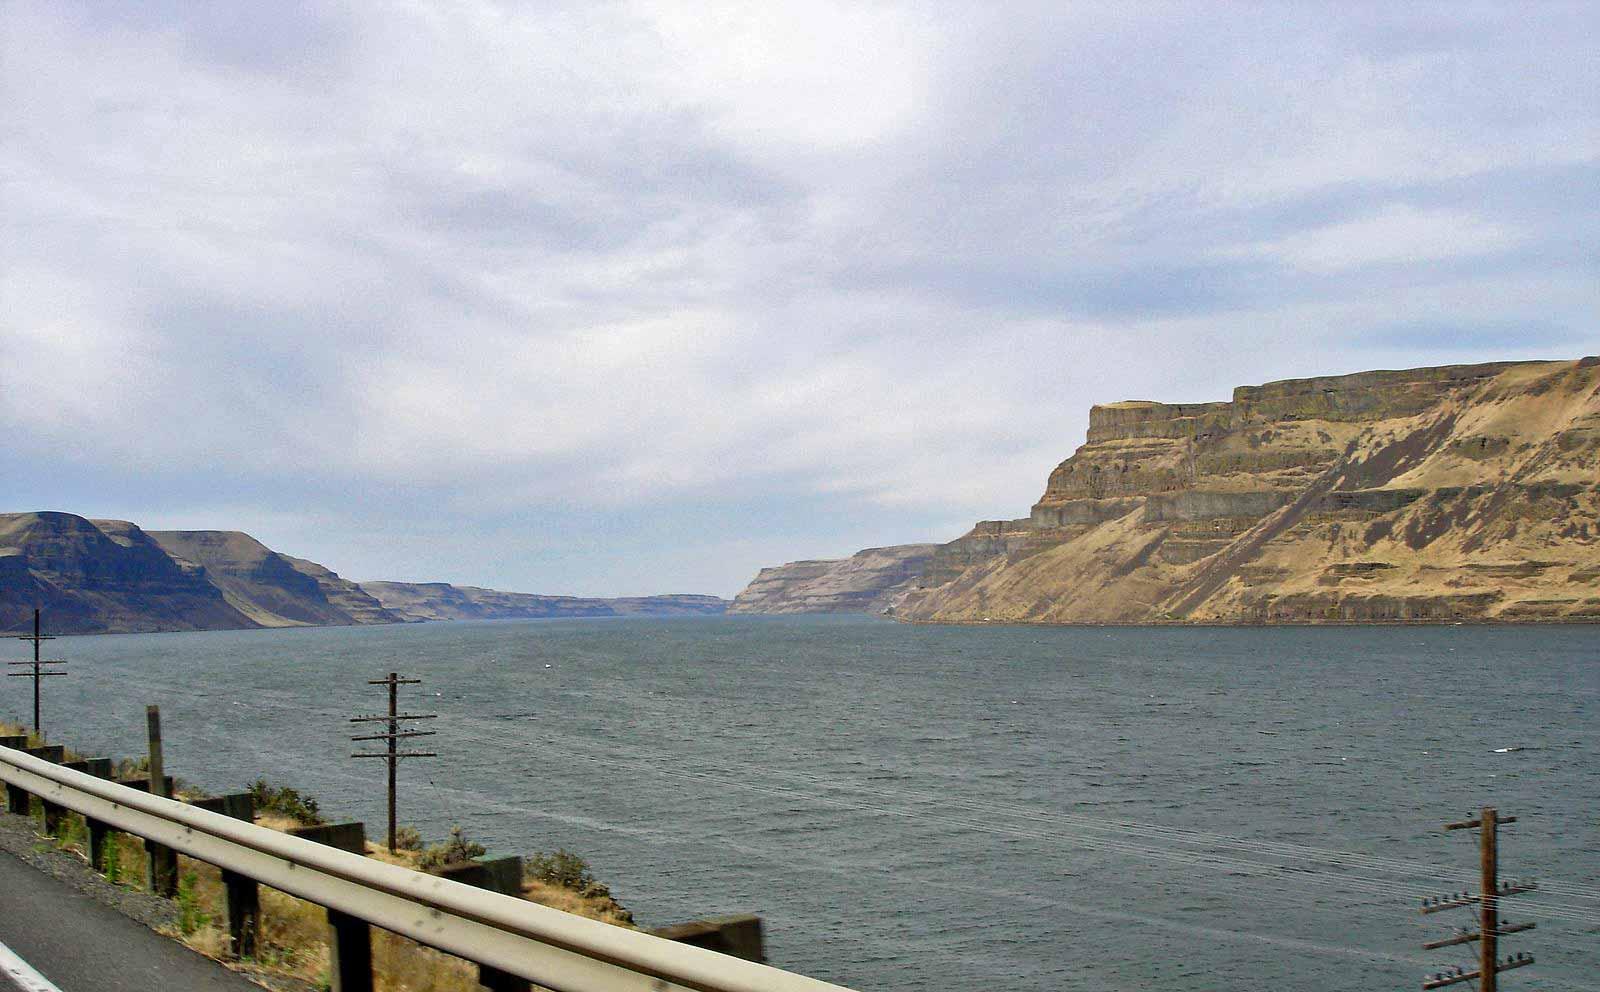 Columbia River Grenze zwischen Washington State und Oregon, von der Straße aus gesehen